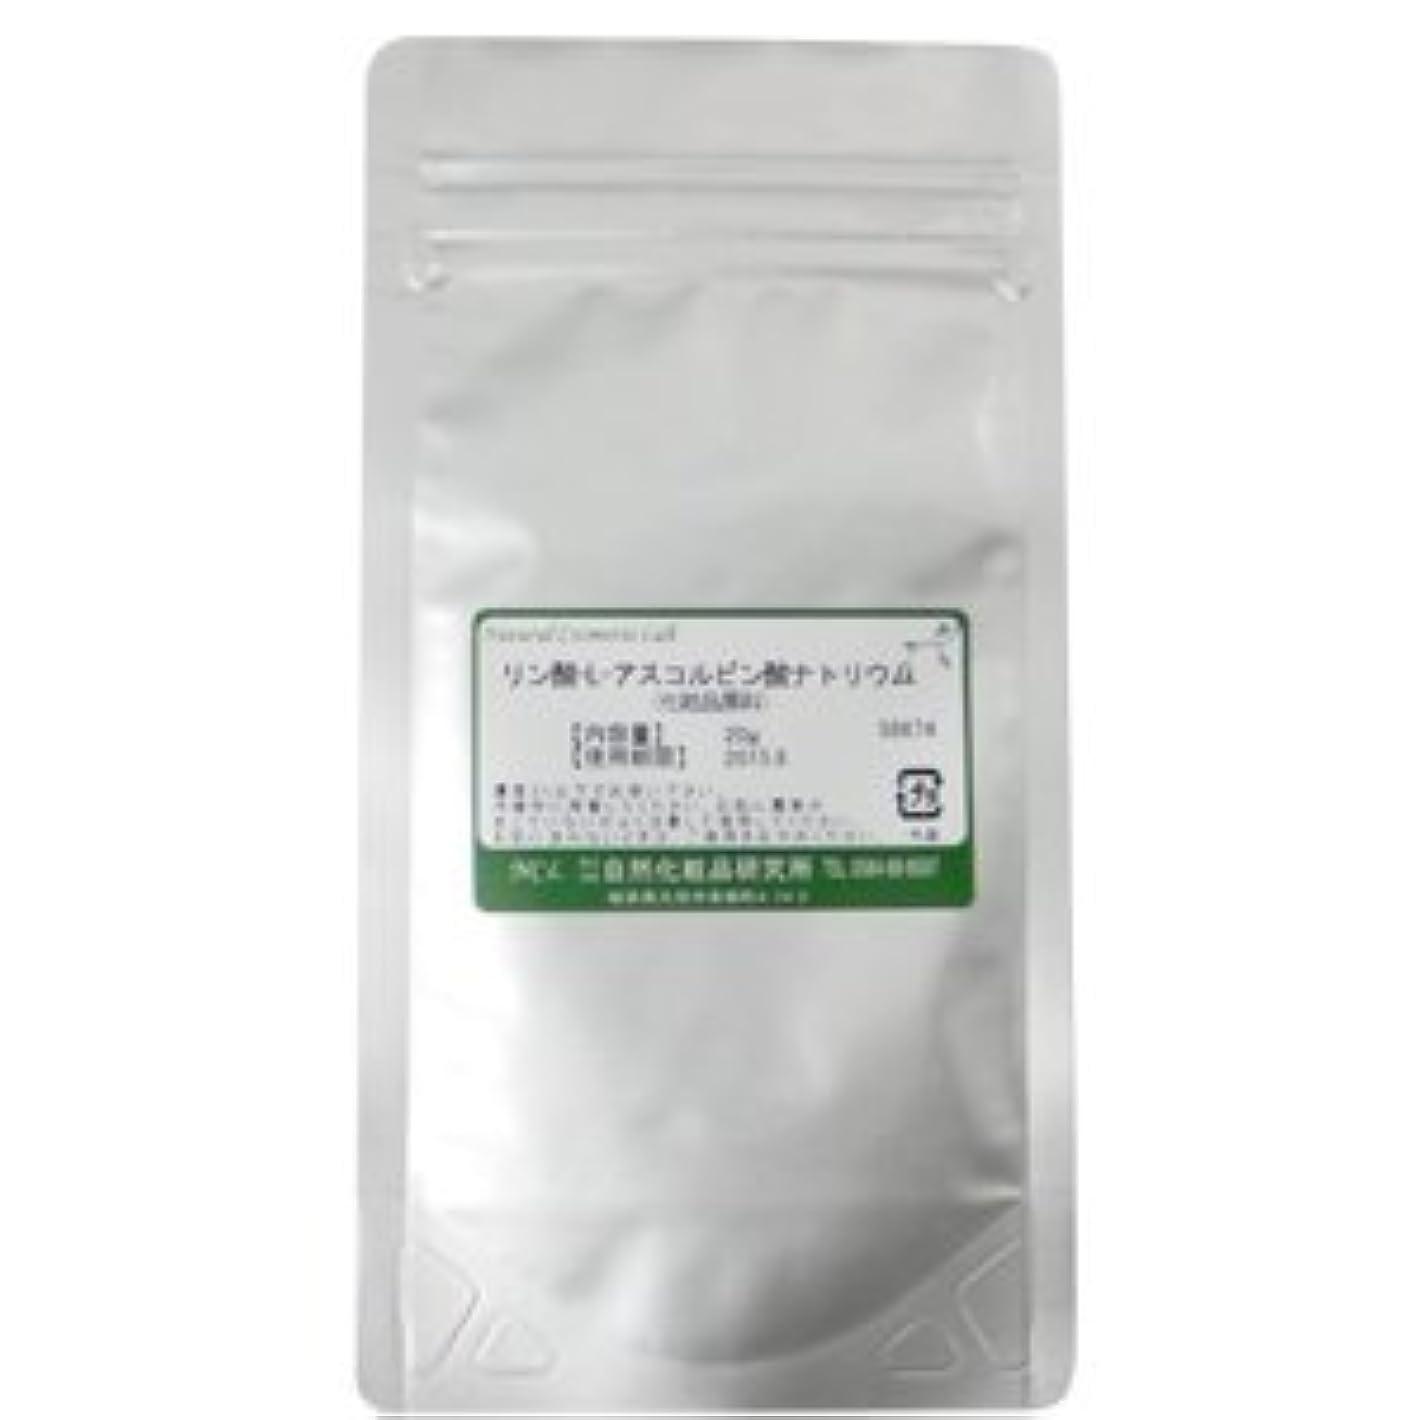 タフ徒歩でビタミンC誘導体 リン酸-L-アスコルビン酸ナトリウム 化粧品原料 20g